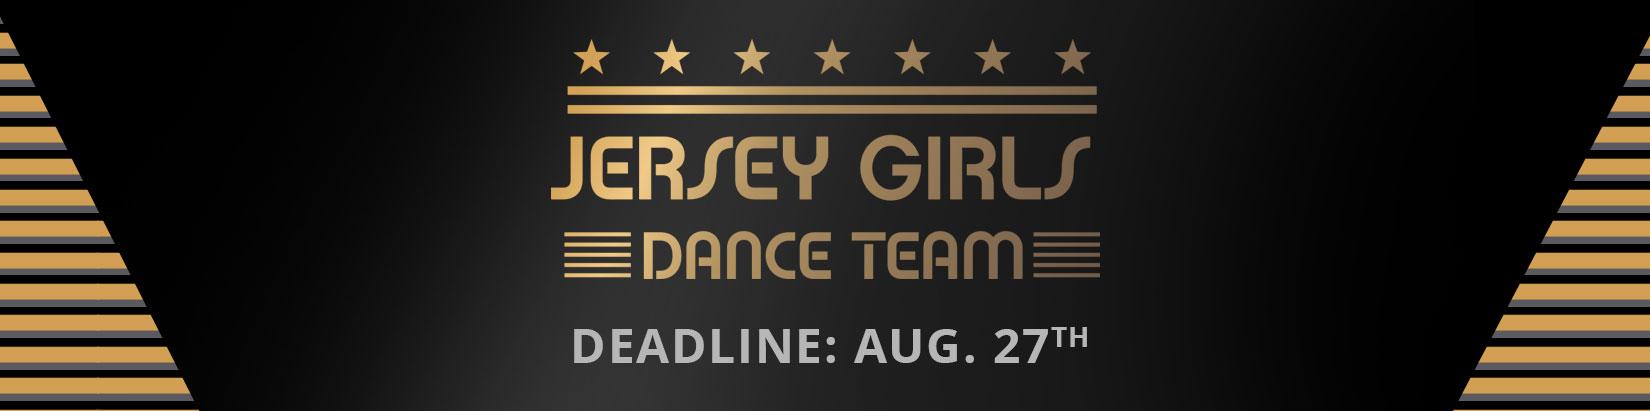 Jersey Girls Dance